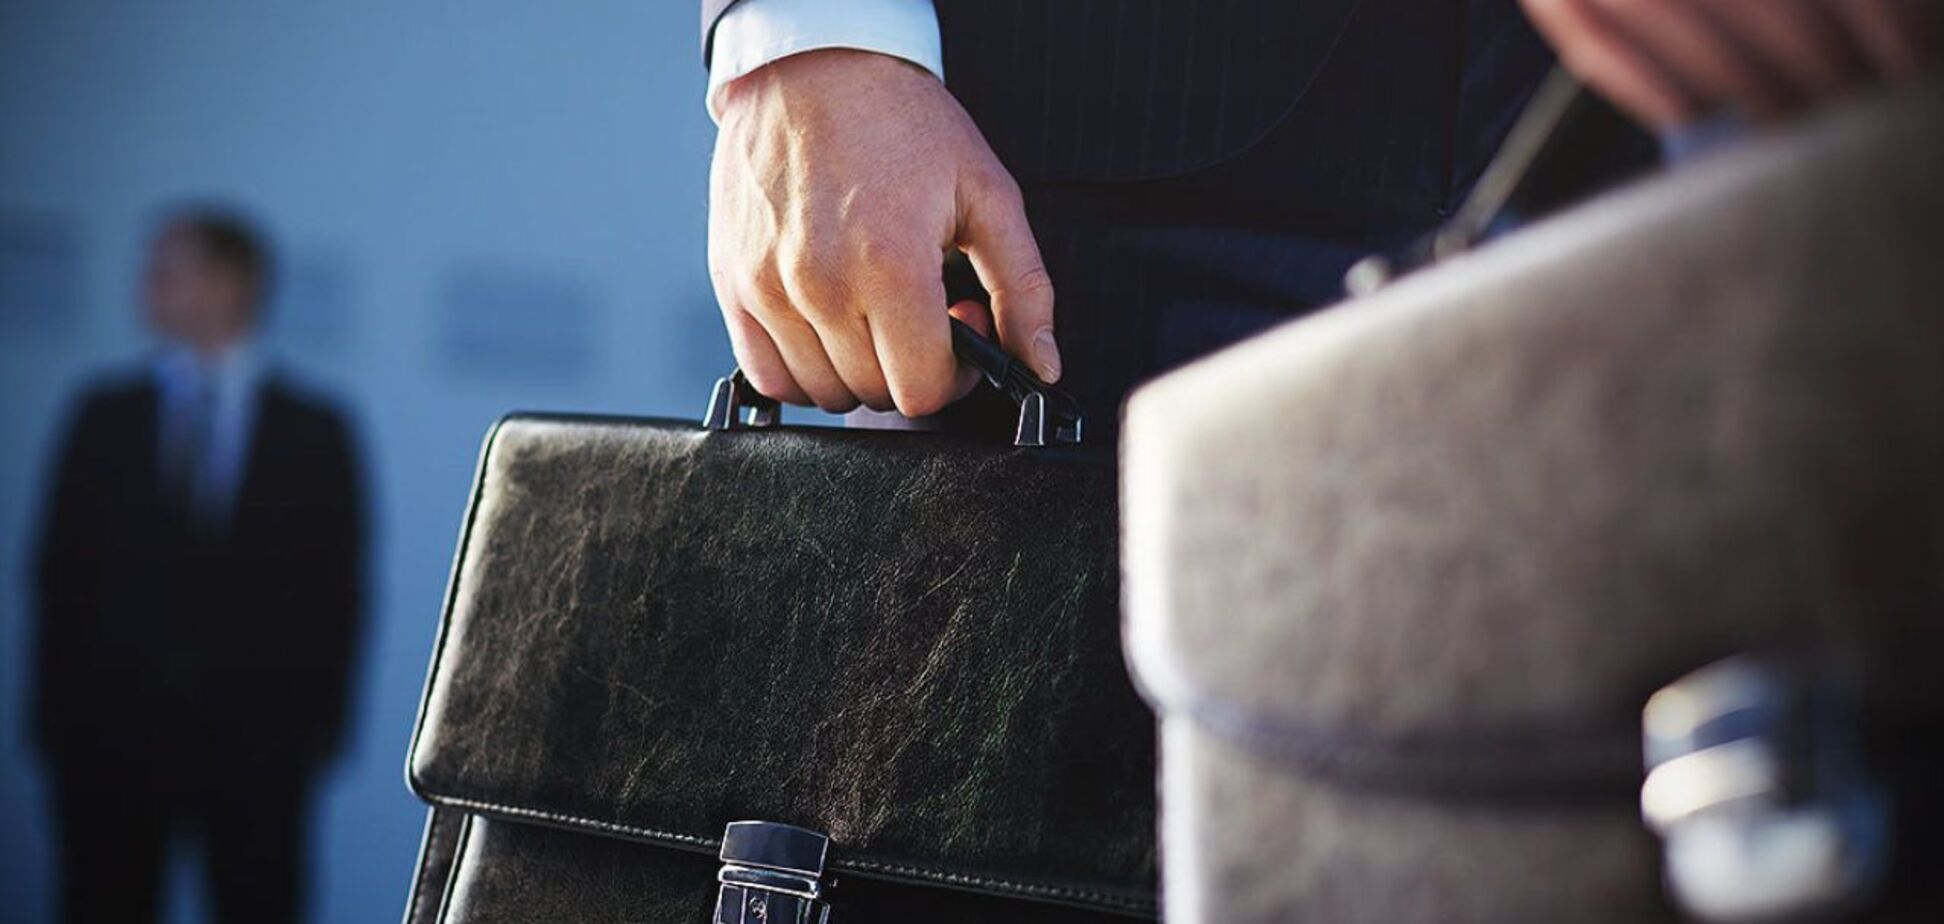 Возобновление конкурсов для госслужащих: на должностях должны быть профессионалы